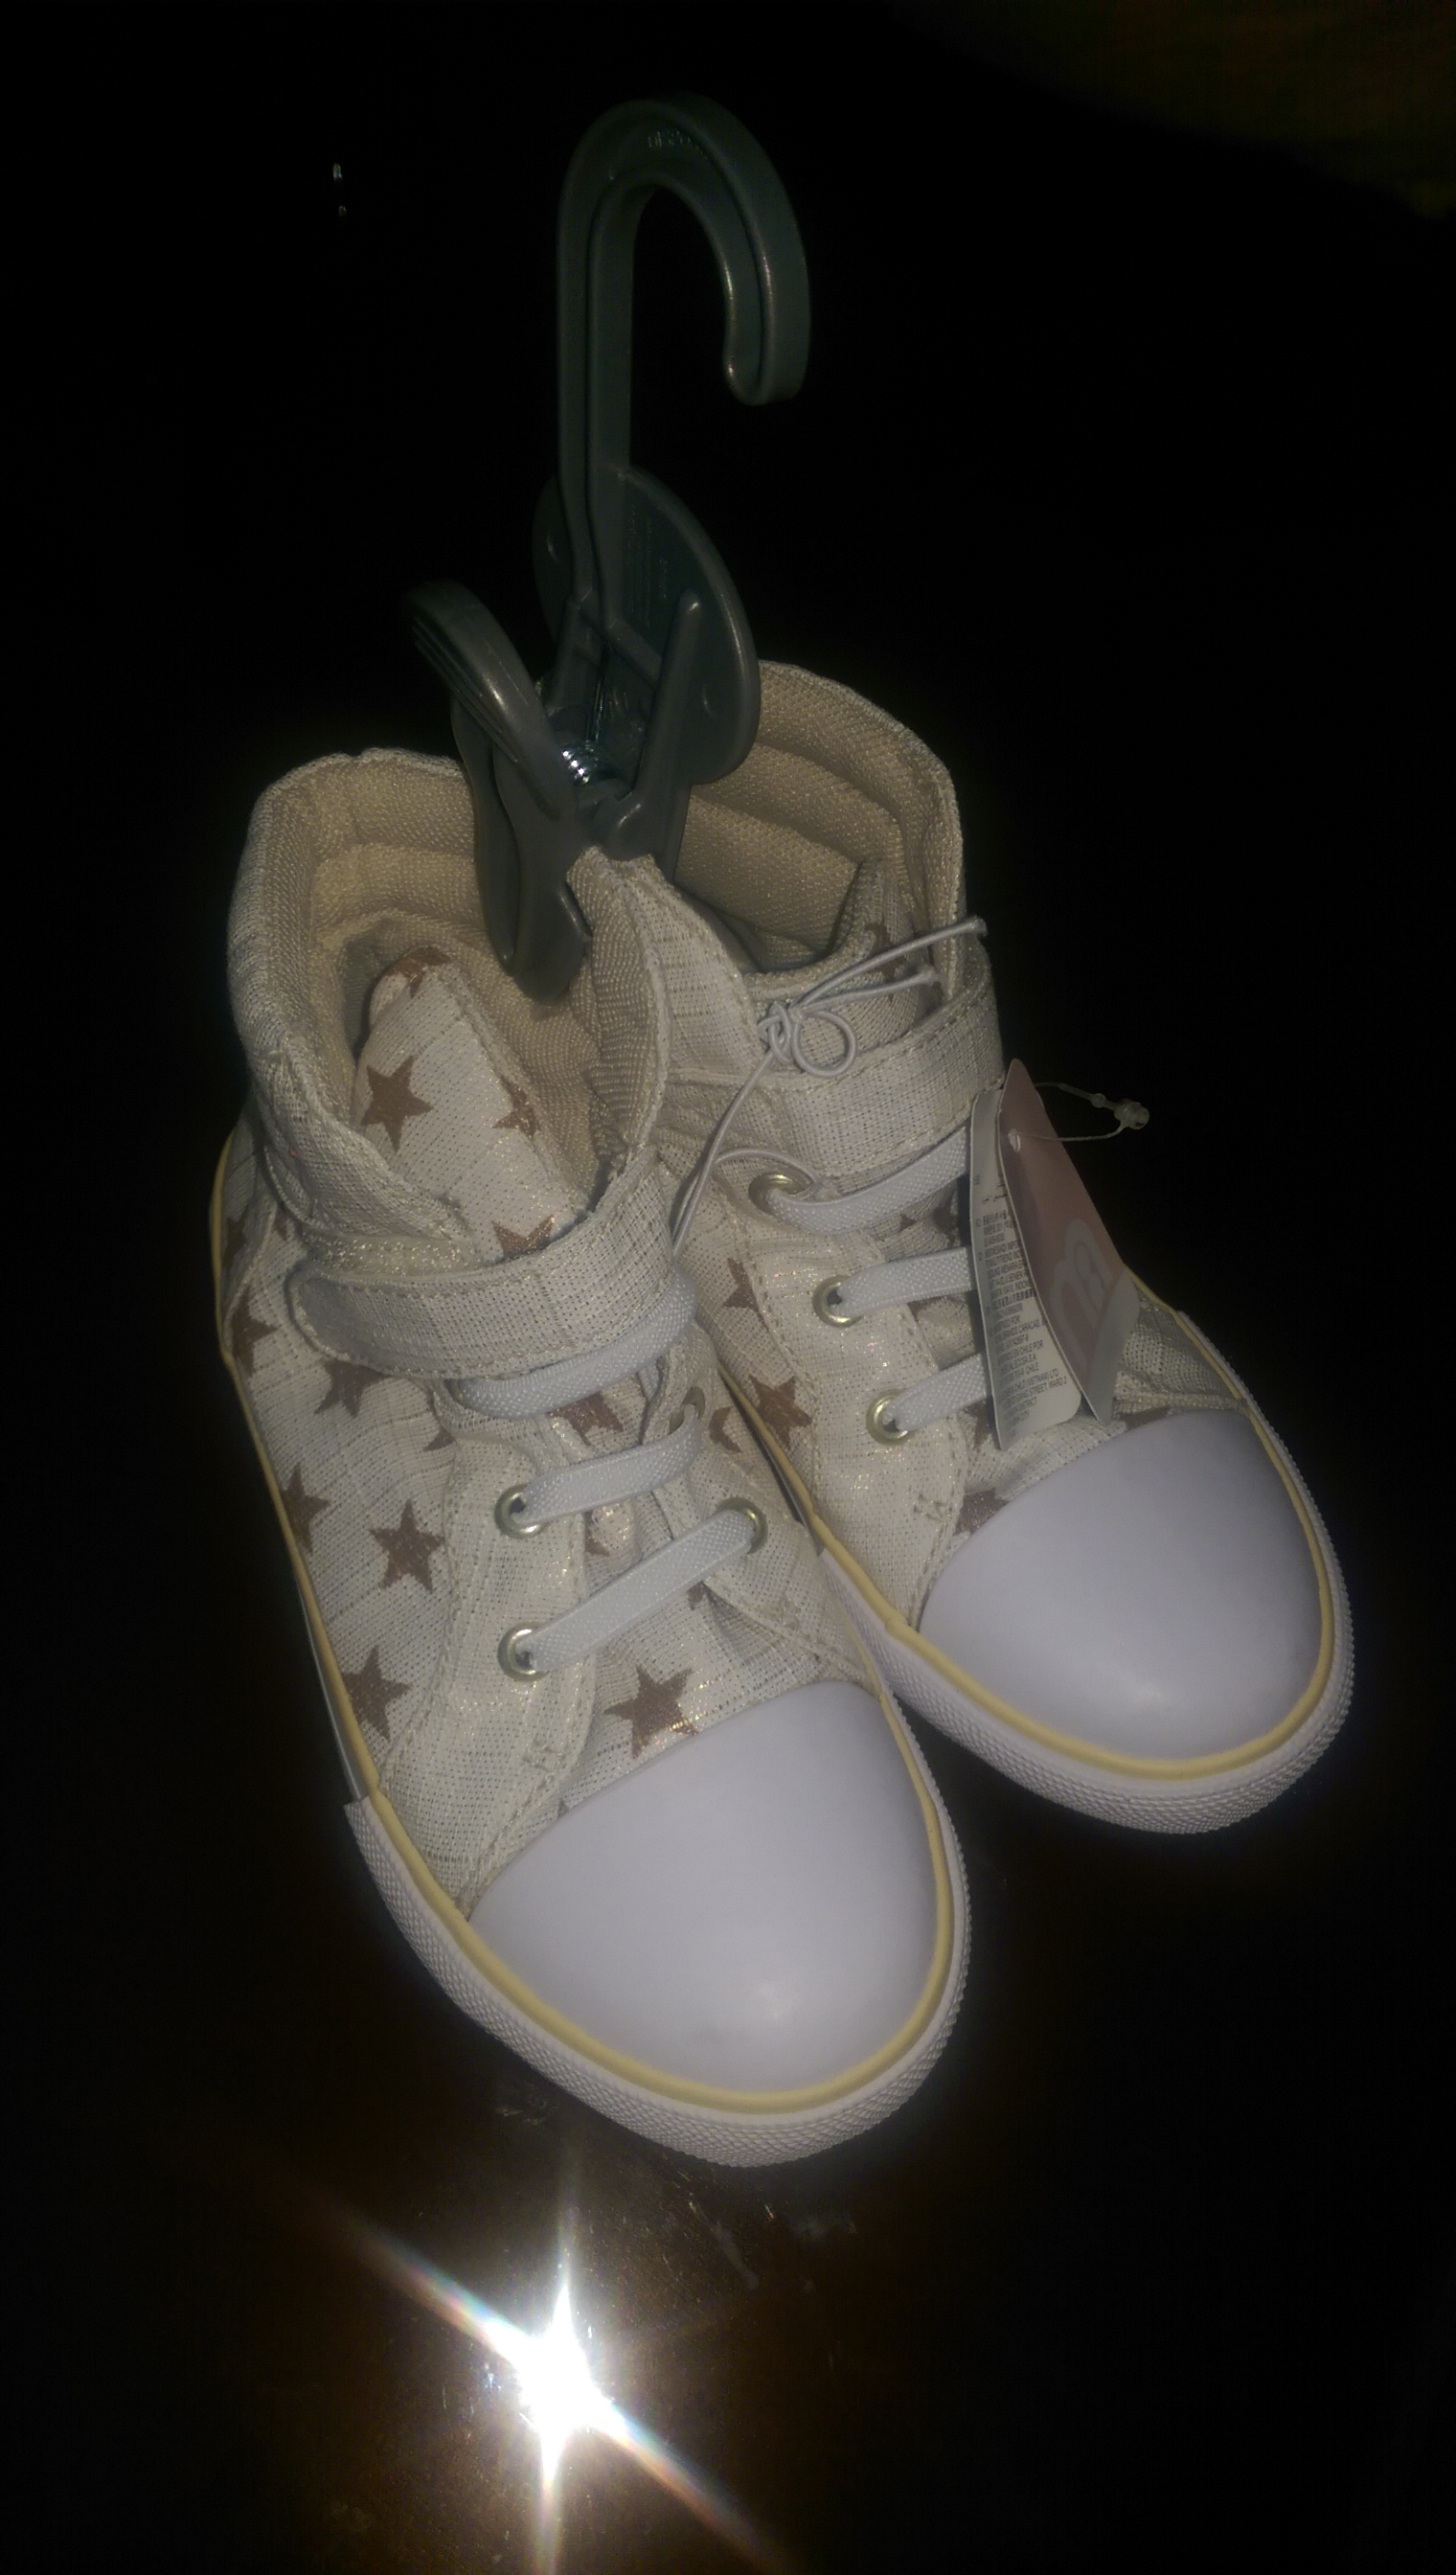 کفش بچه مادرکر